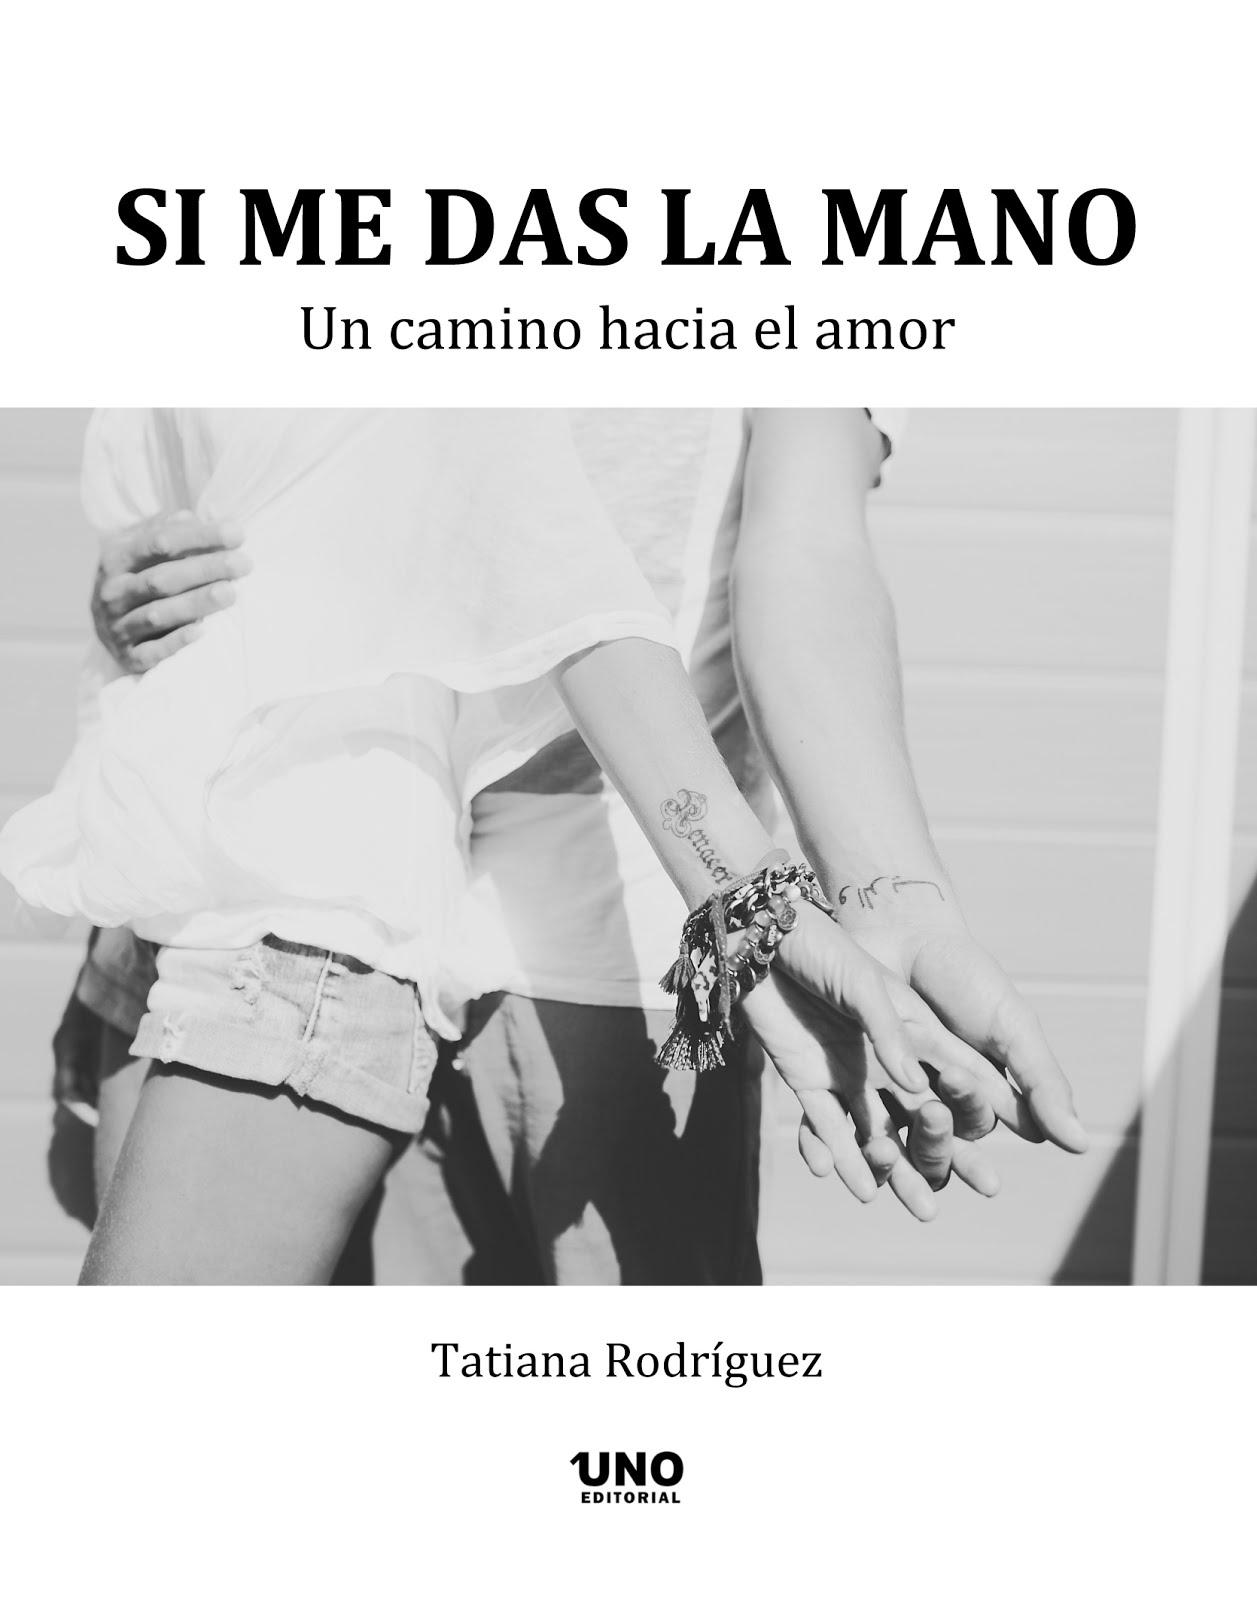 SI ME DAS LA MANO UN CAMINO HACIA EL AMOR de Tatiana Rodríguez